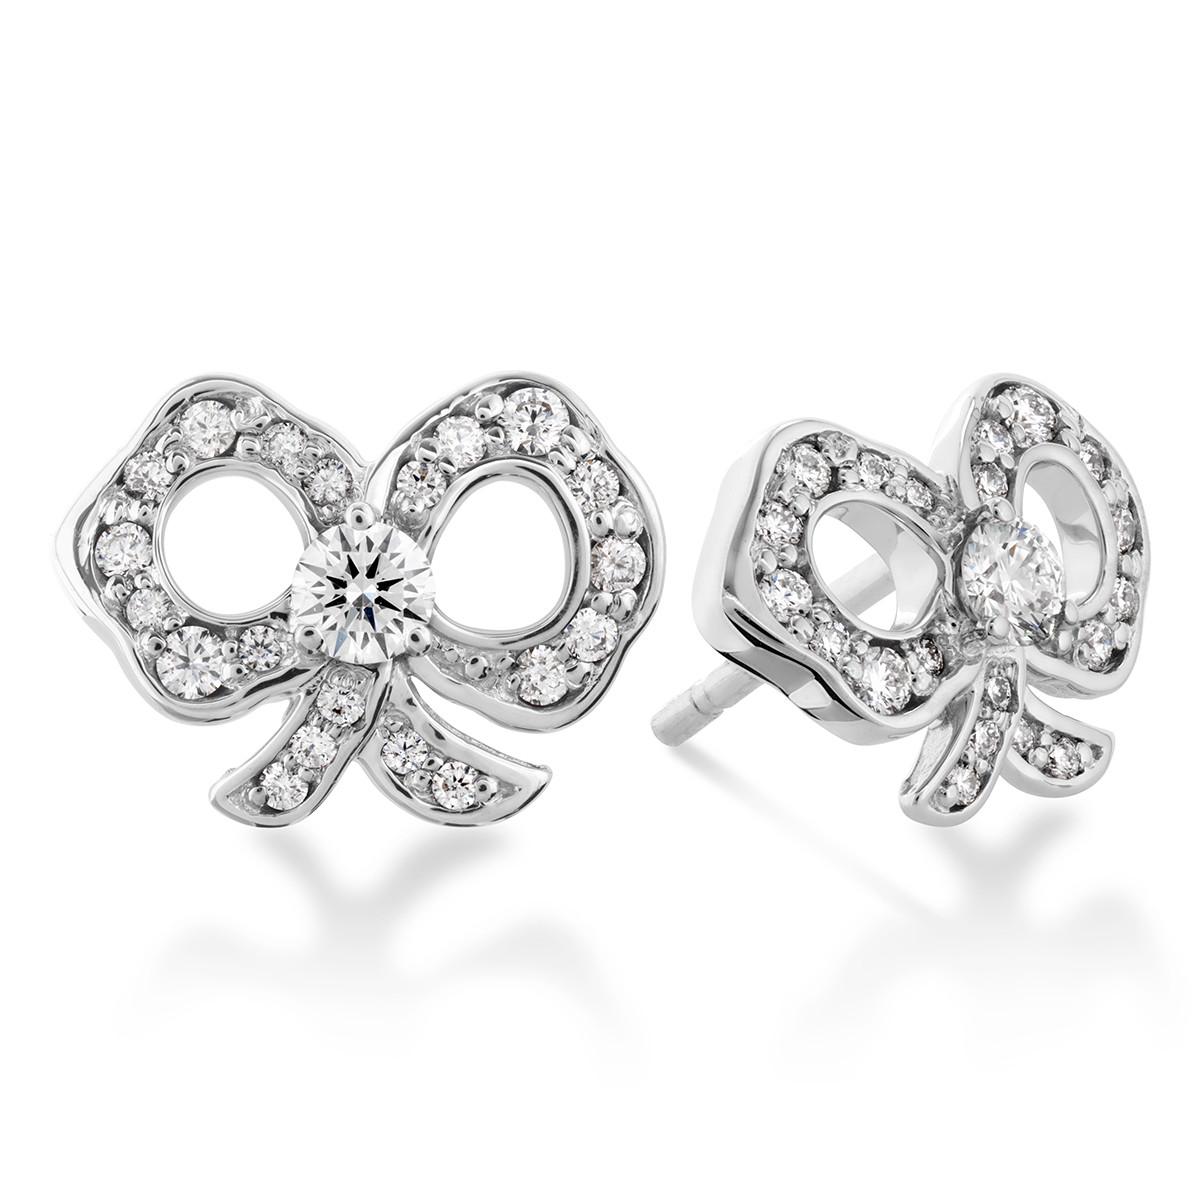 New Hearts On Fire® 0.29 CTW Diamond Lorelei Bow Earrings